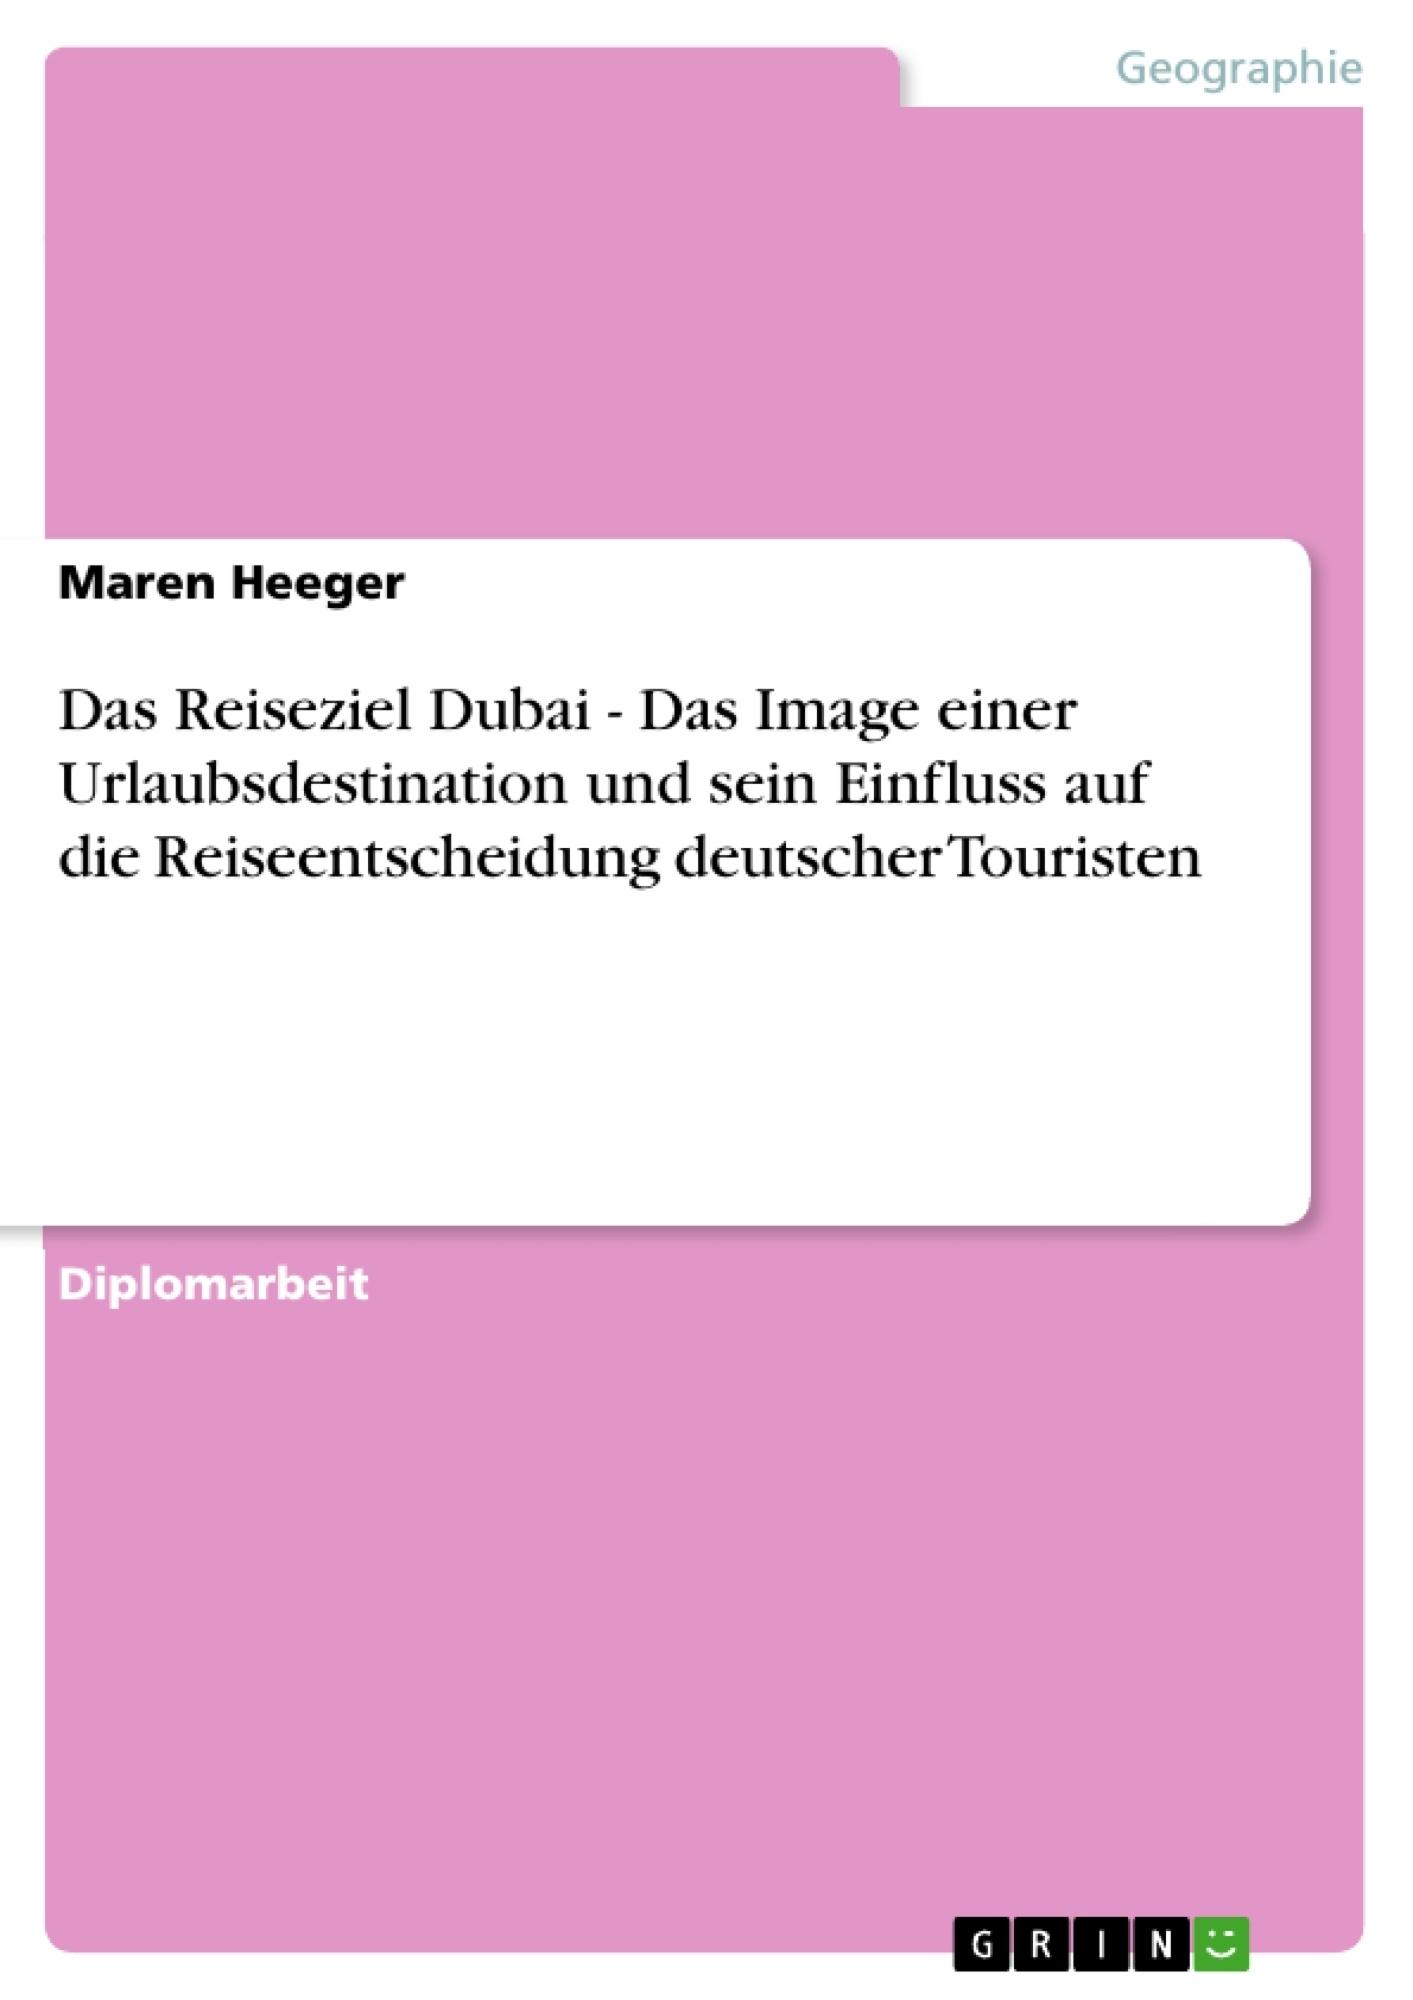 Titel: Das Reiseziel Dubai - Das Image einer Urlaubsdestination und sein Einfluss auf die Reiseentscheidung deutscher Touristen